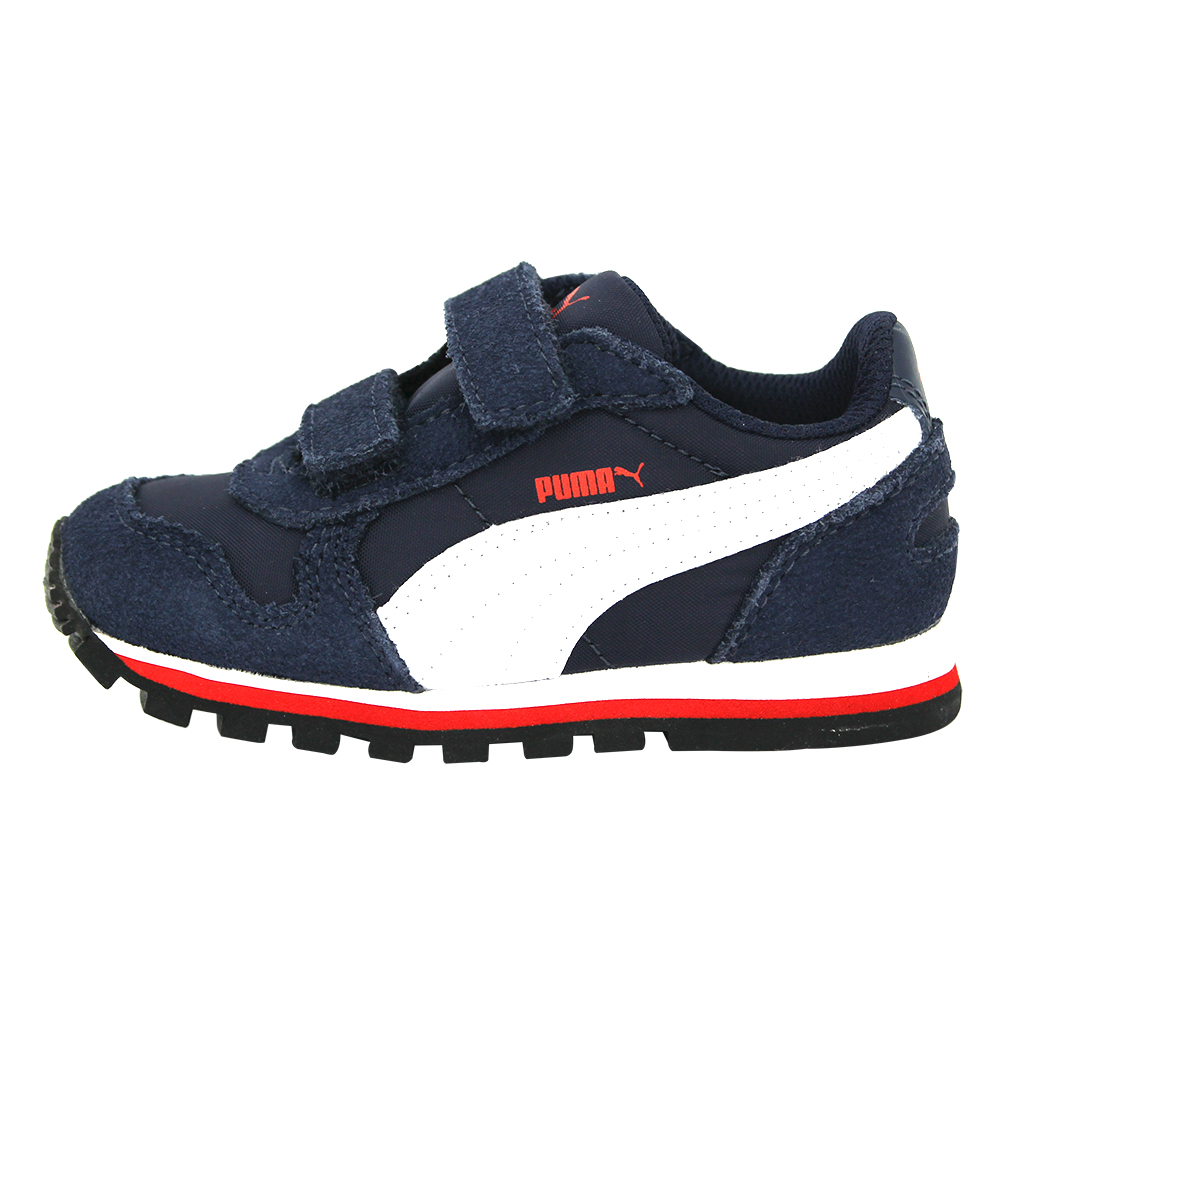 Mode Puma Chaussures Enfant Kids Runner Sneakers St Bleu iPXZku